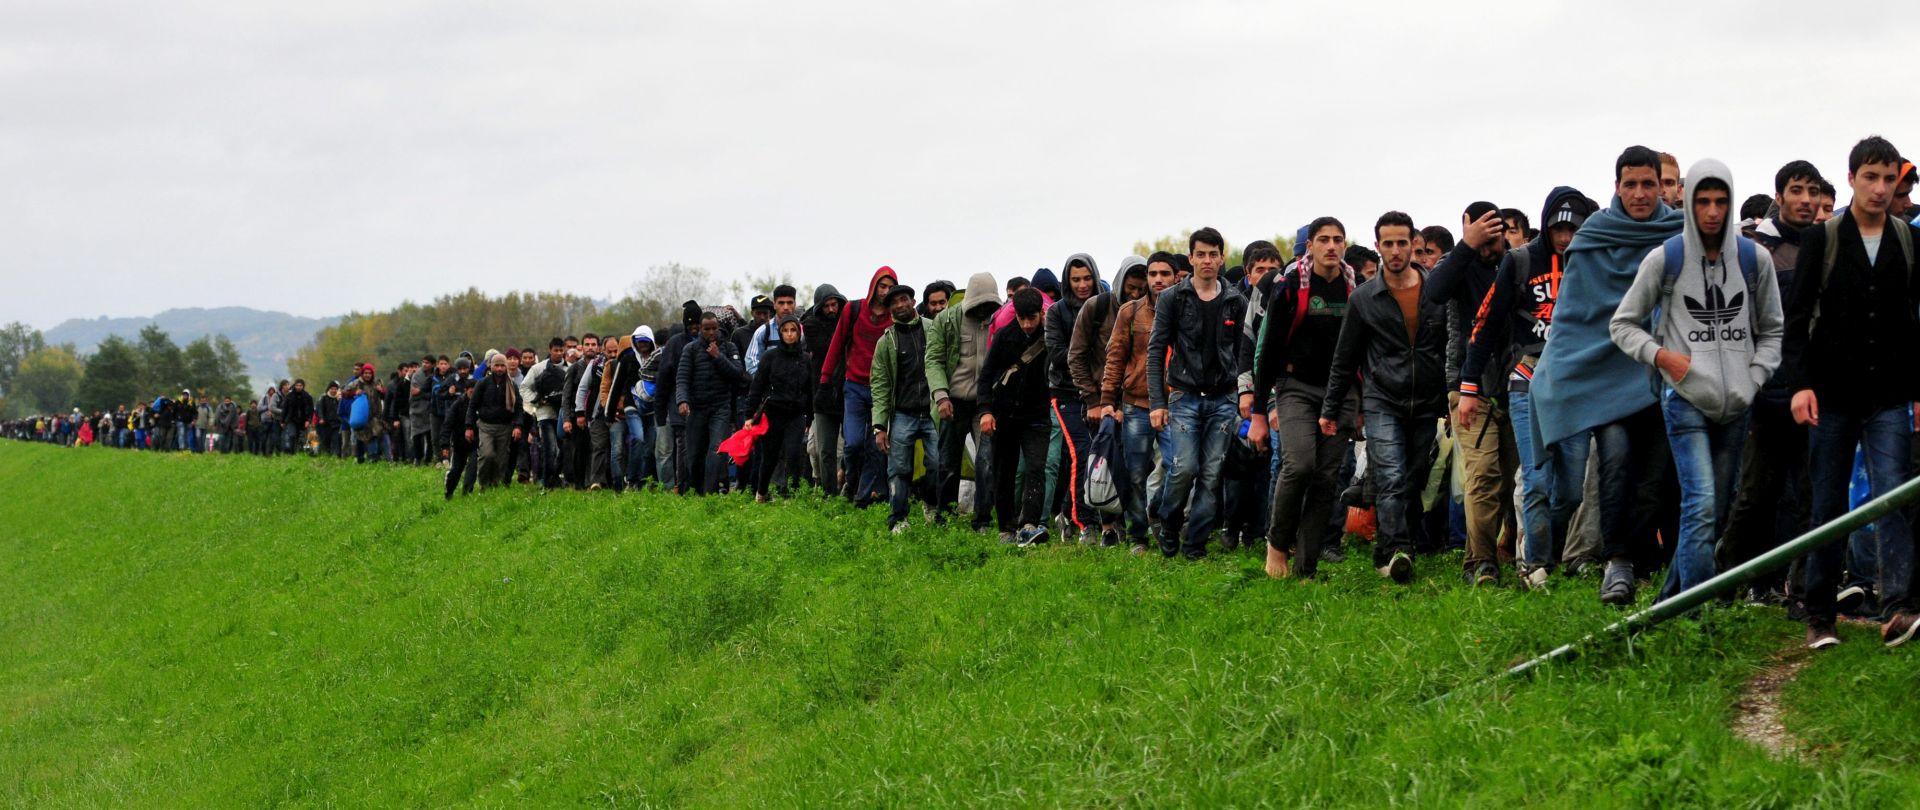 'EUROPA NEMA SVOJU VANJSKU POLITIKU' Turska se sprema na desetke tisuća novih izbjeglica iz Sirije